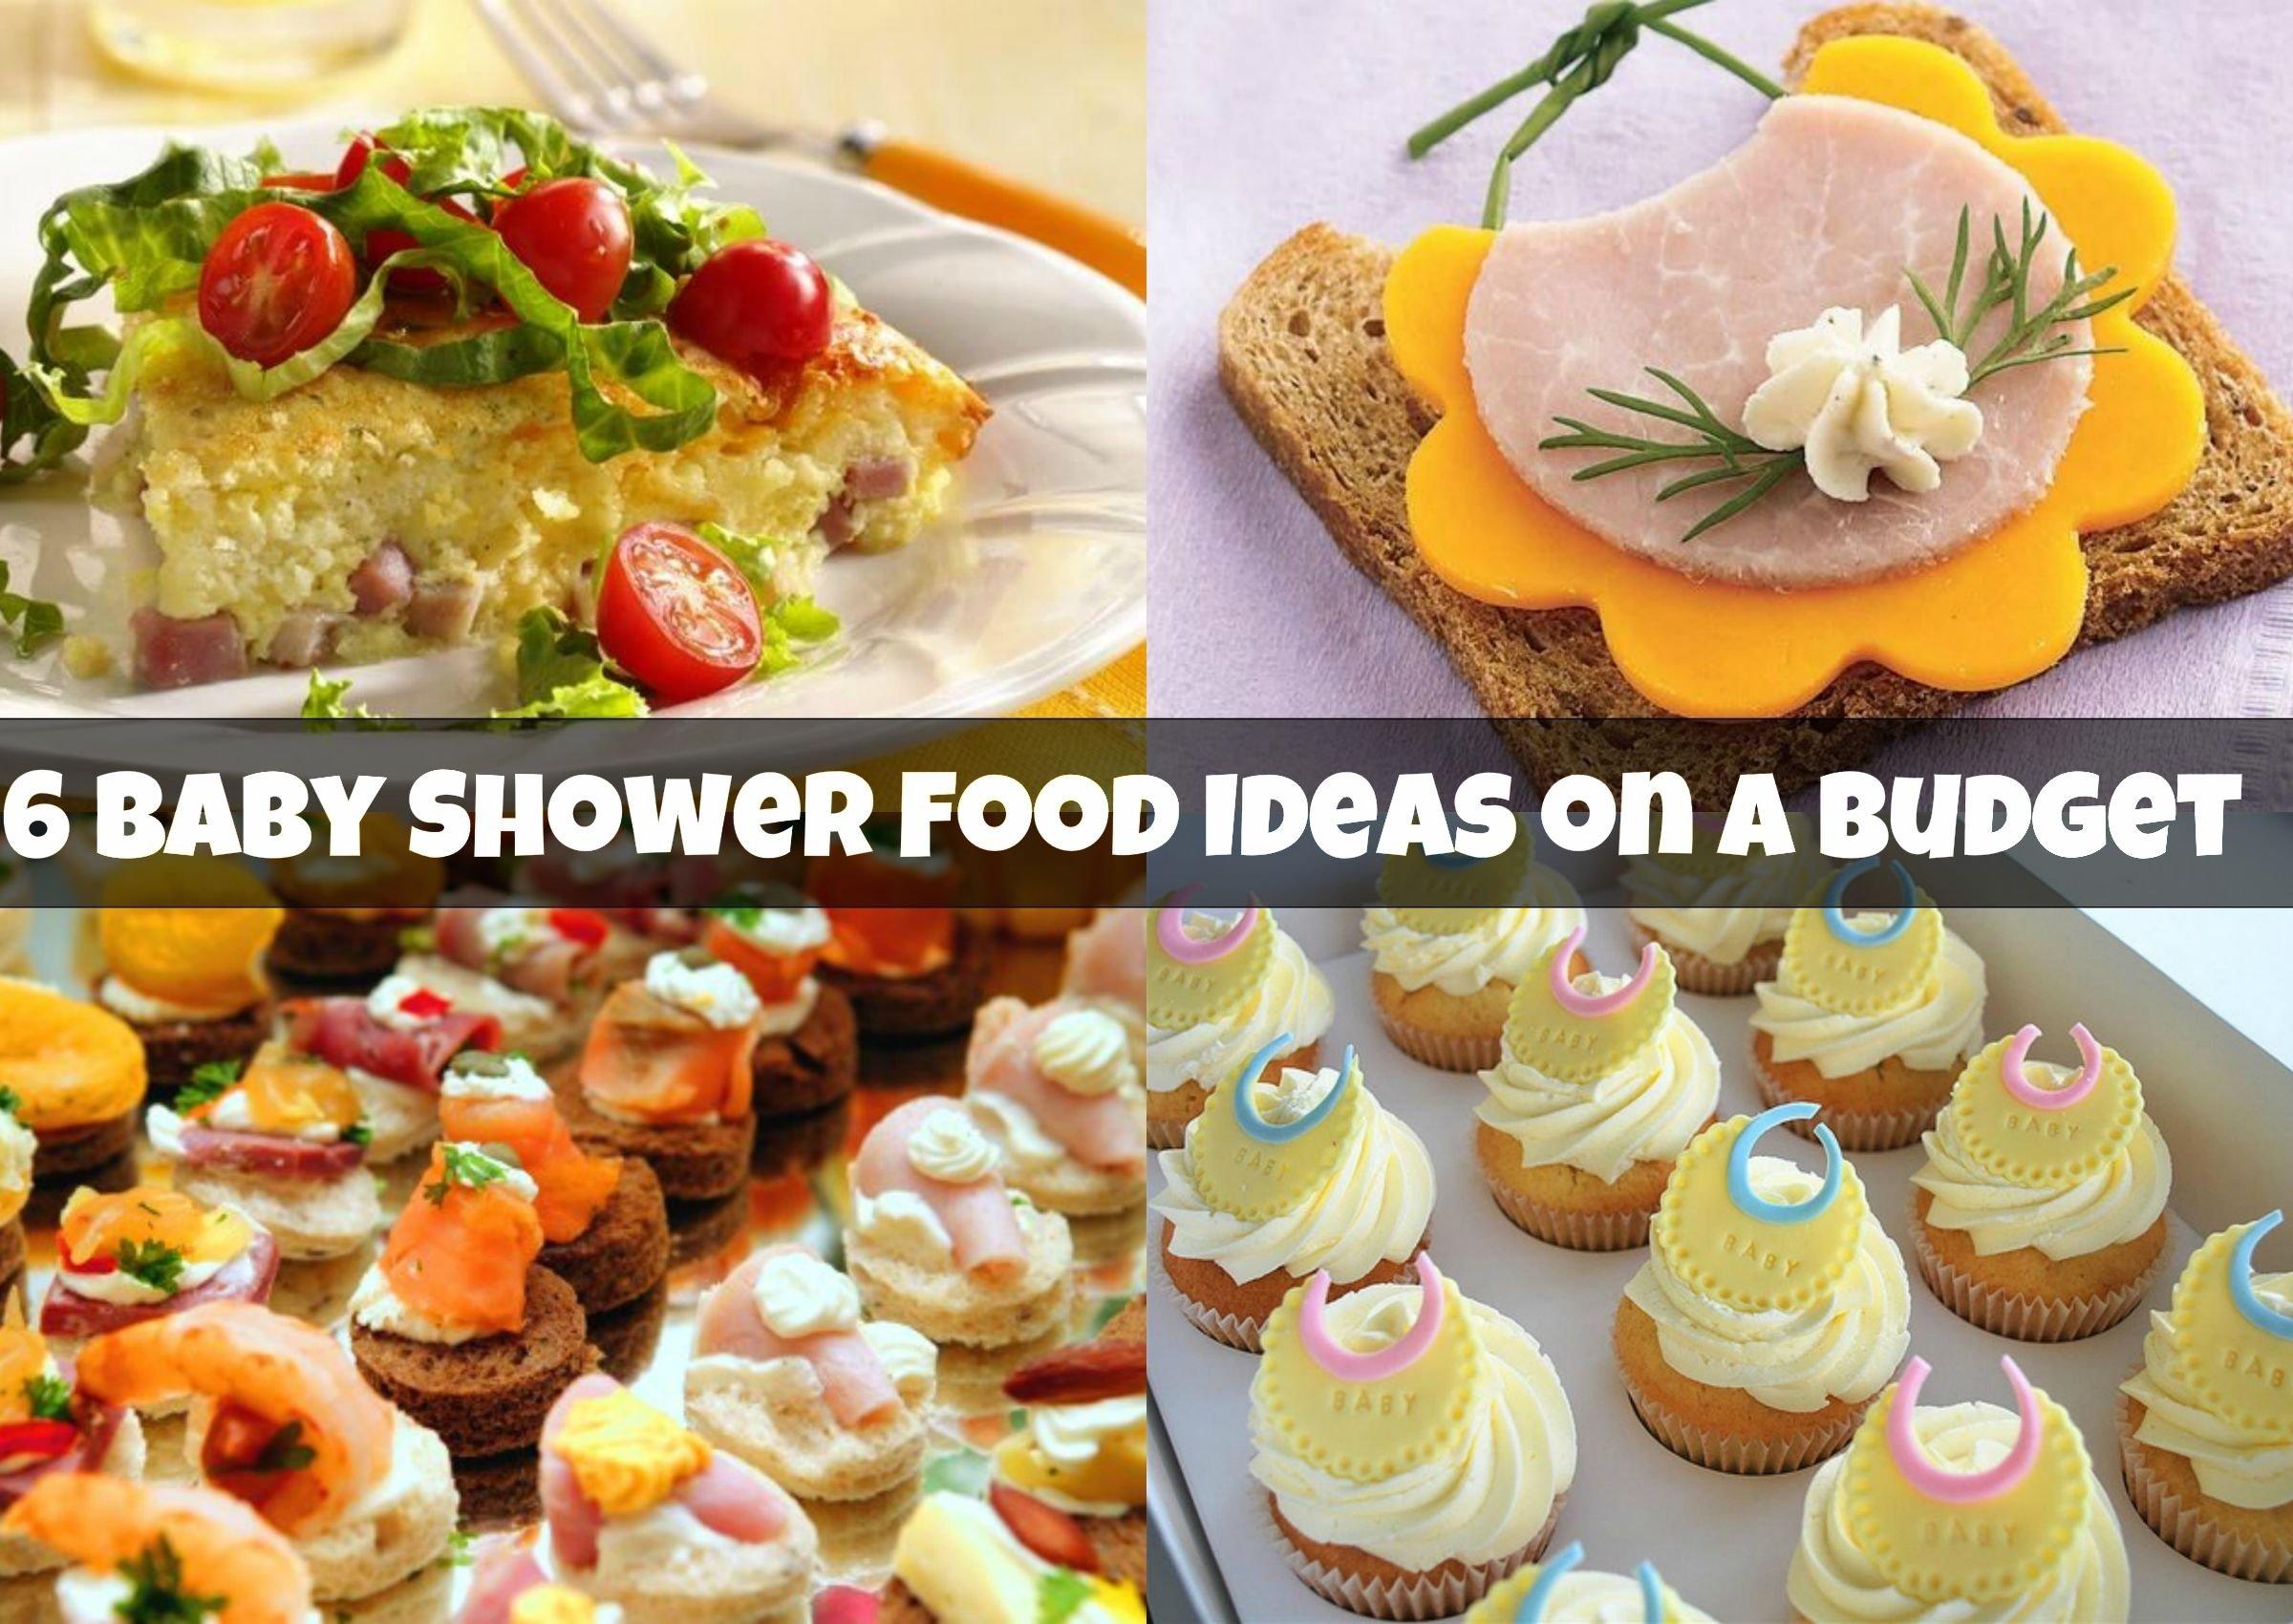 10 Wonderful Baby Shower Appetizer Ideas Boy baby showerpetizer ideas cute recipe girl unique shower appetizer